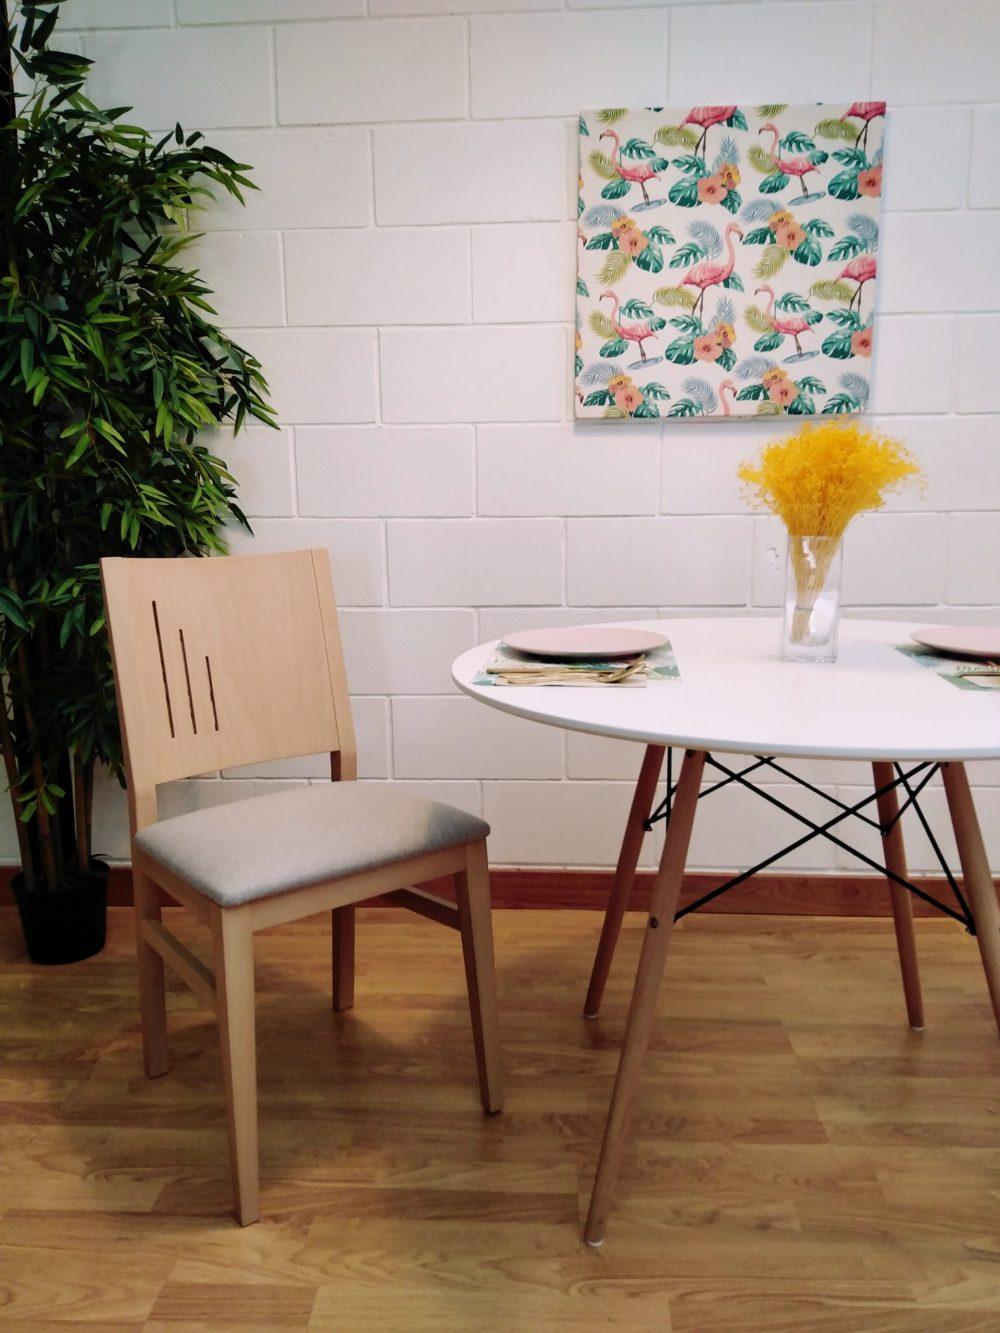 silla-39-de-tiendadecohome-en-navarra